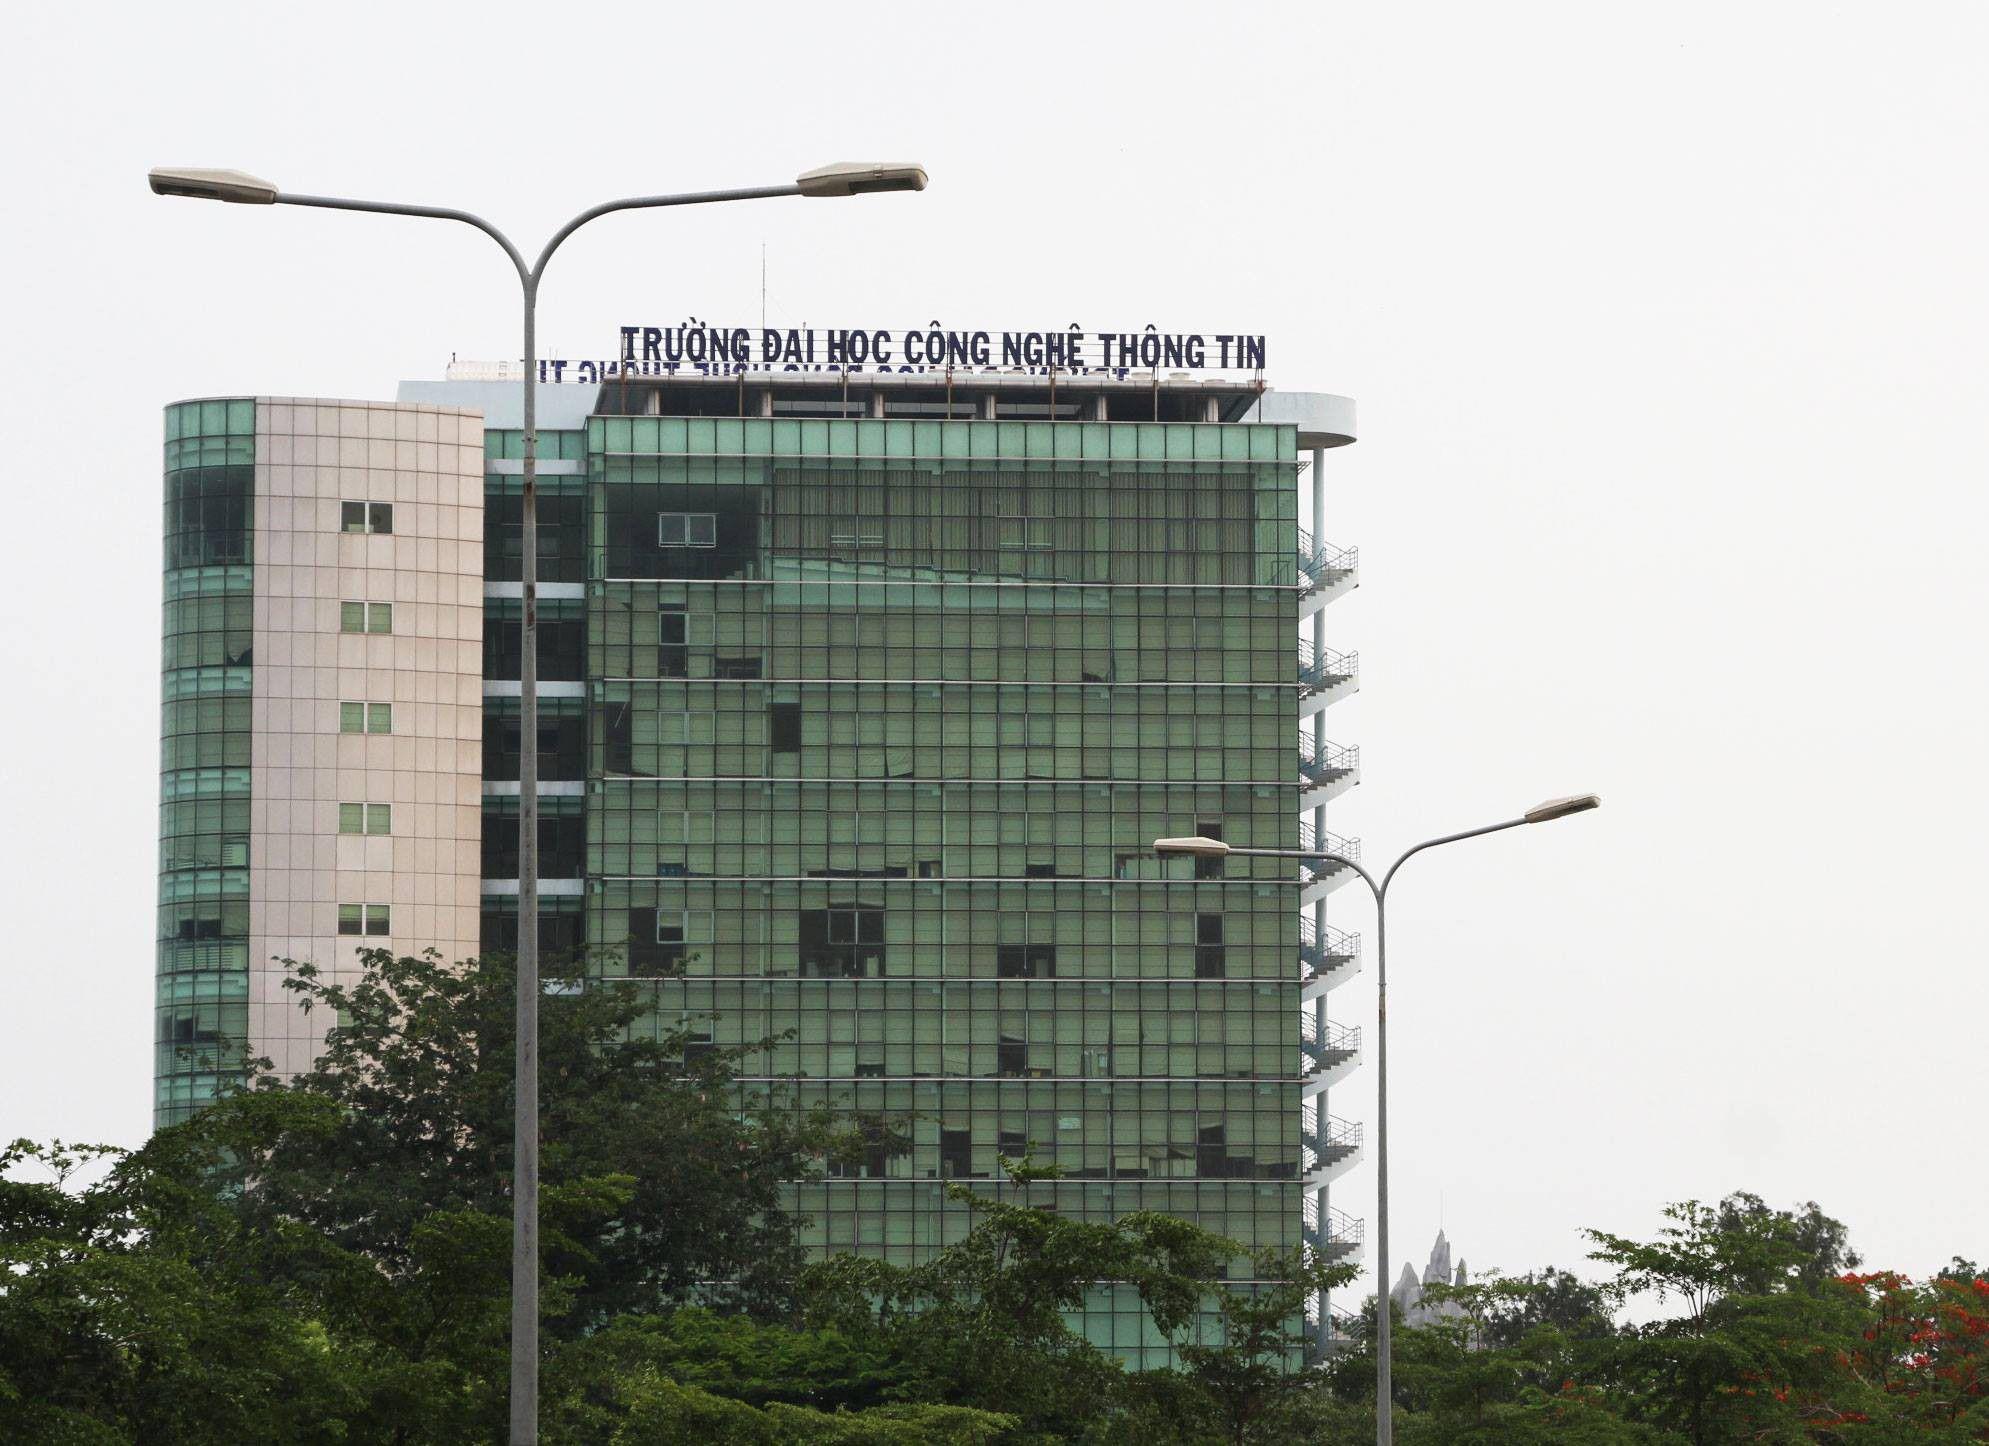 Trường Đại học Công nghệ thông tin - Đại học Quốc gia TP Hồ Chí Minh